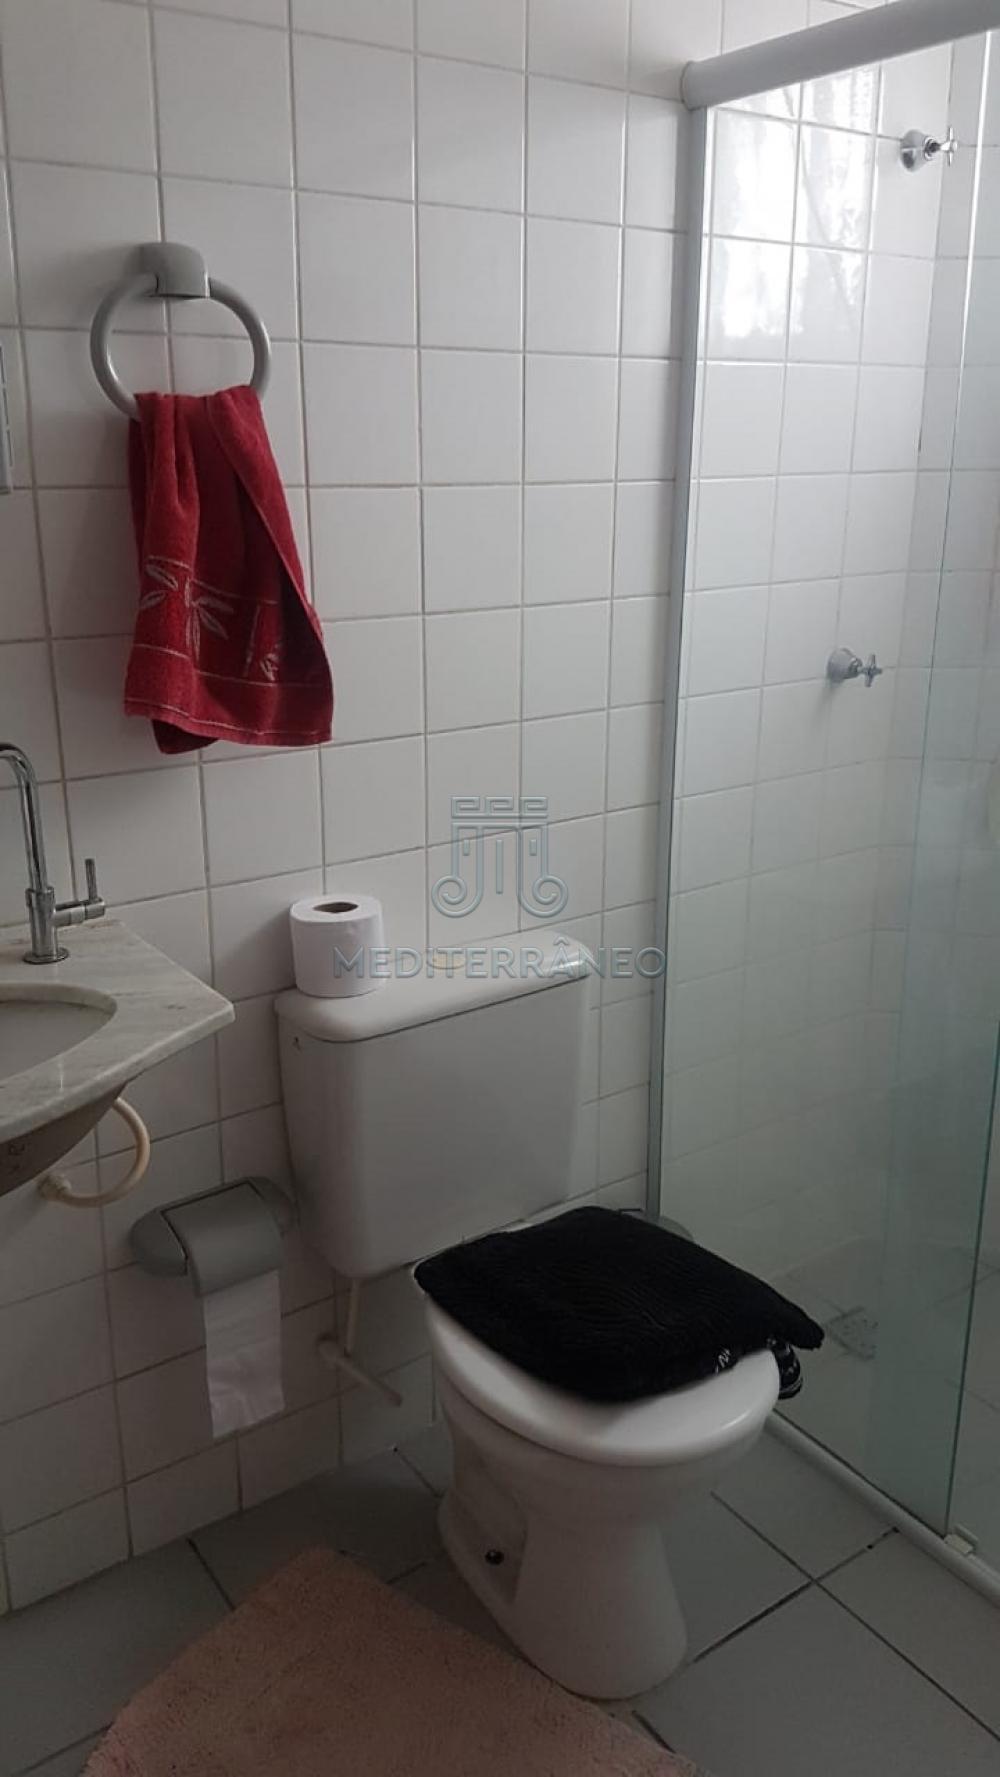 Alugar Apartamento / Padrão em Jundiaí apenas R$ 1.100,00 - Foto 8